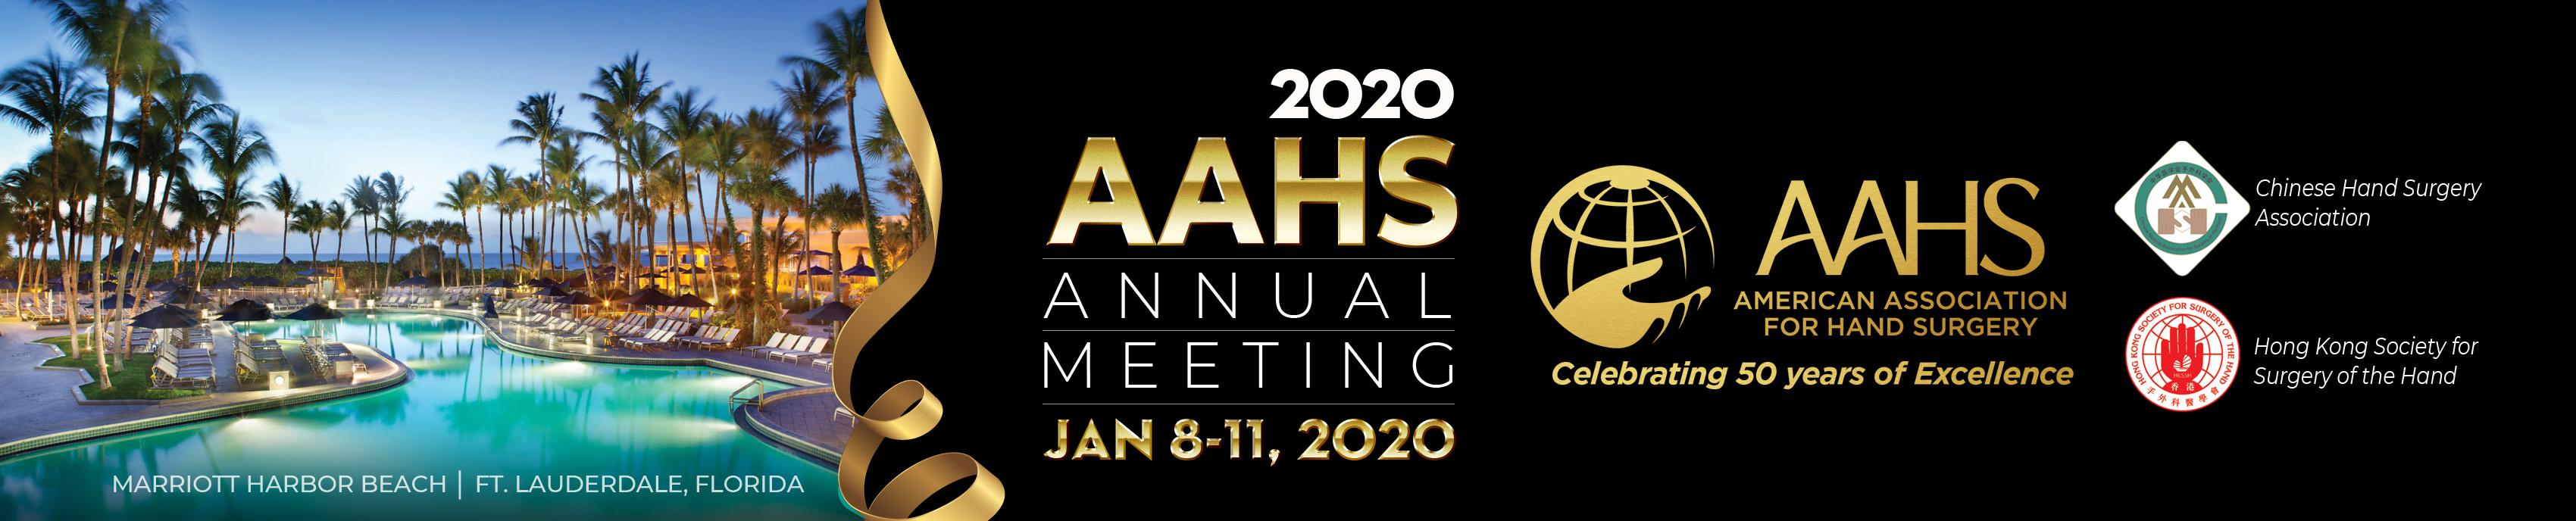 2020 AAHS  Annual Meeting